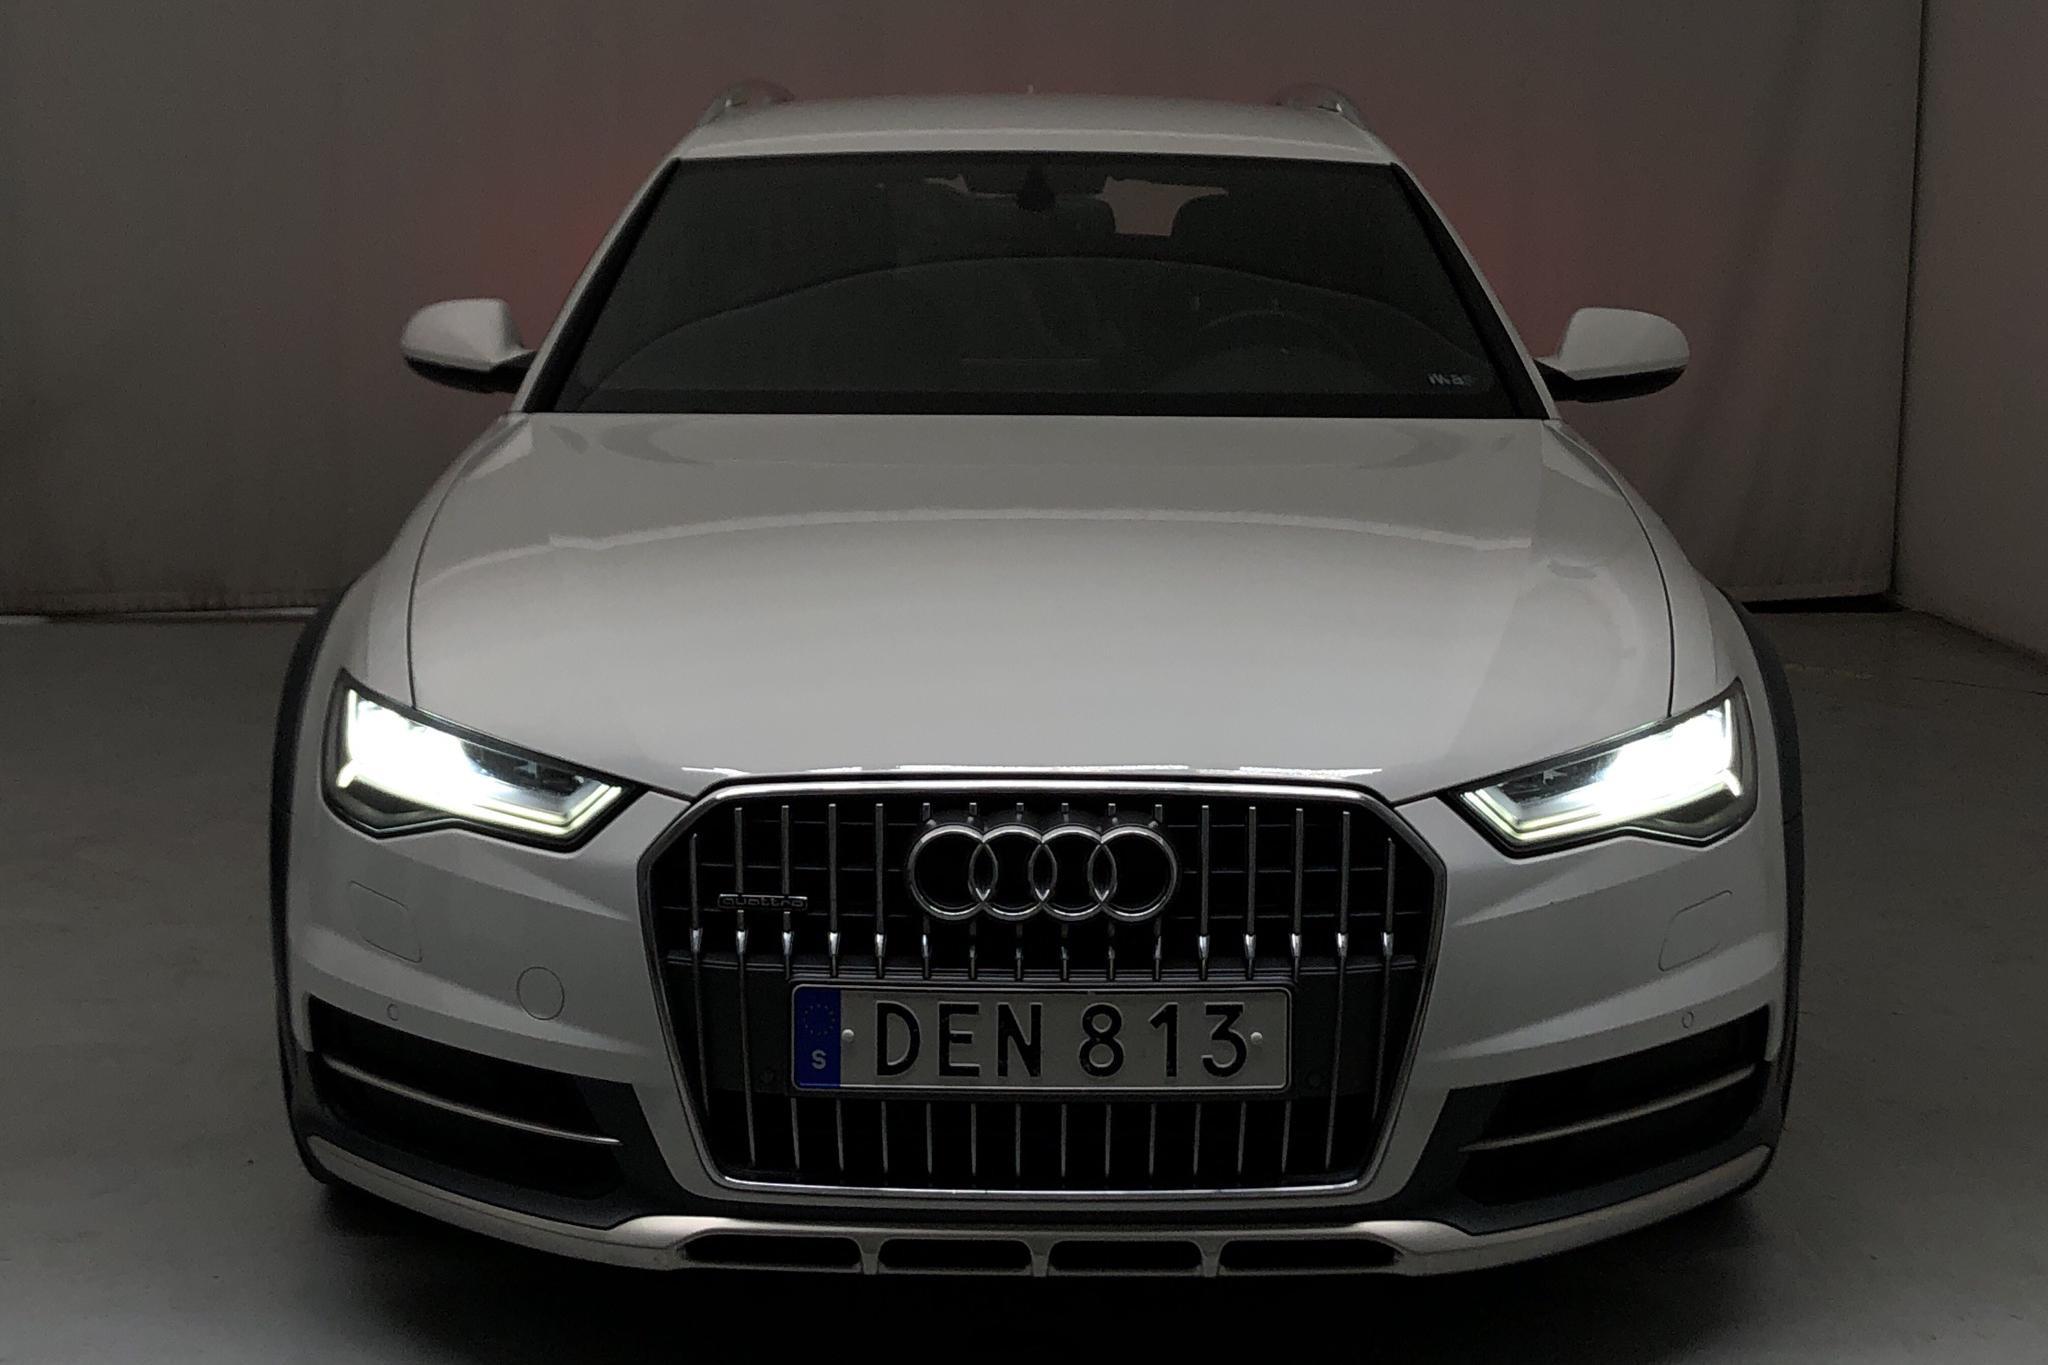 Audi A6 Allroad 3.0 TDI quattro (218hk) - 10 122 mil - Automat - vit - 2017